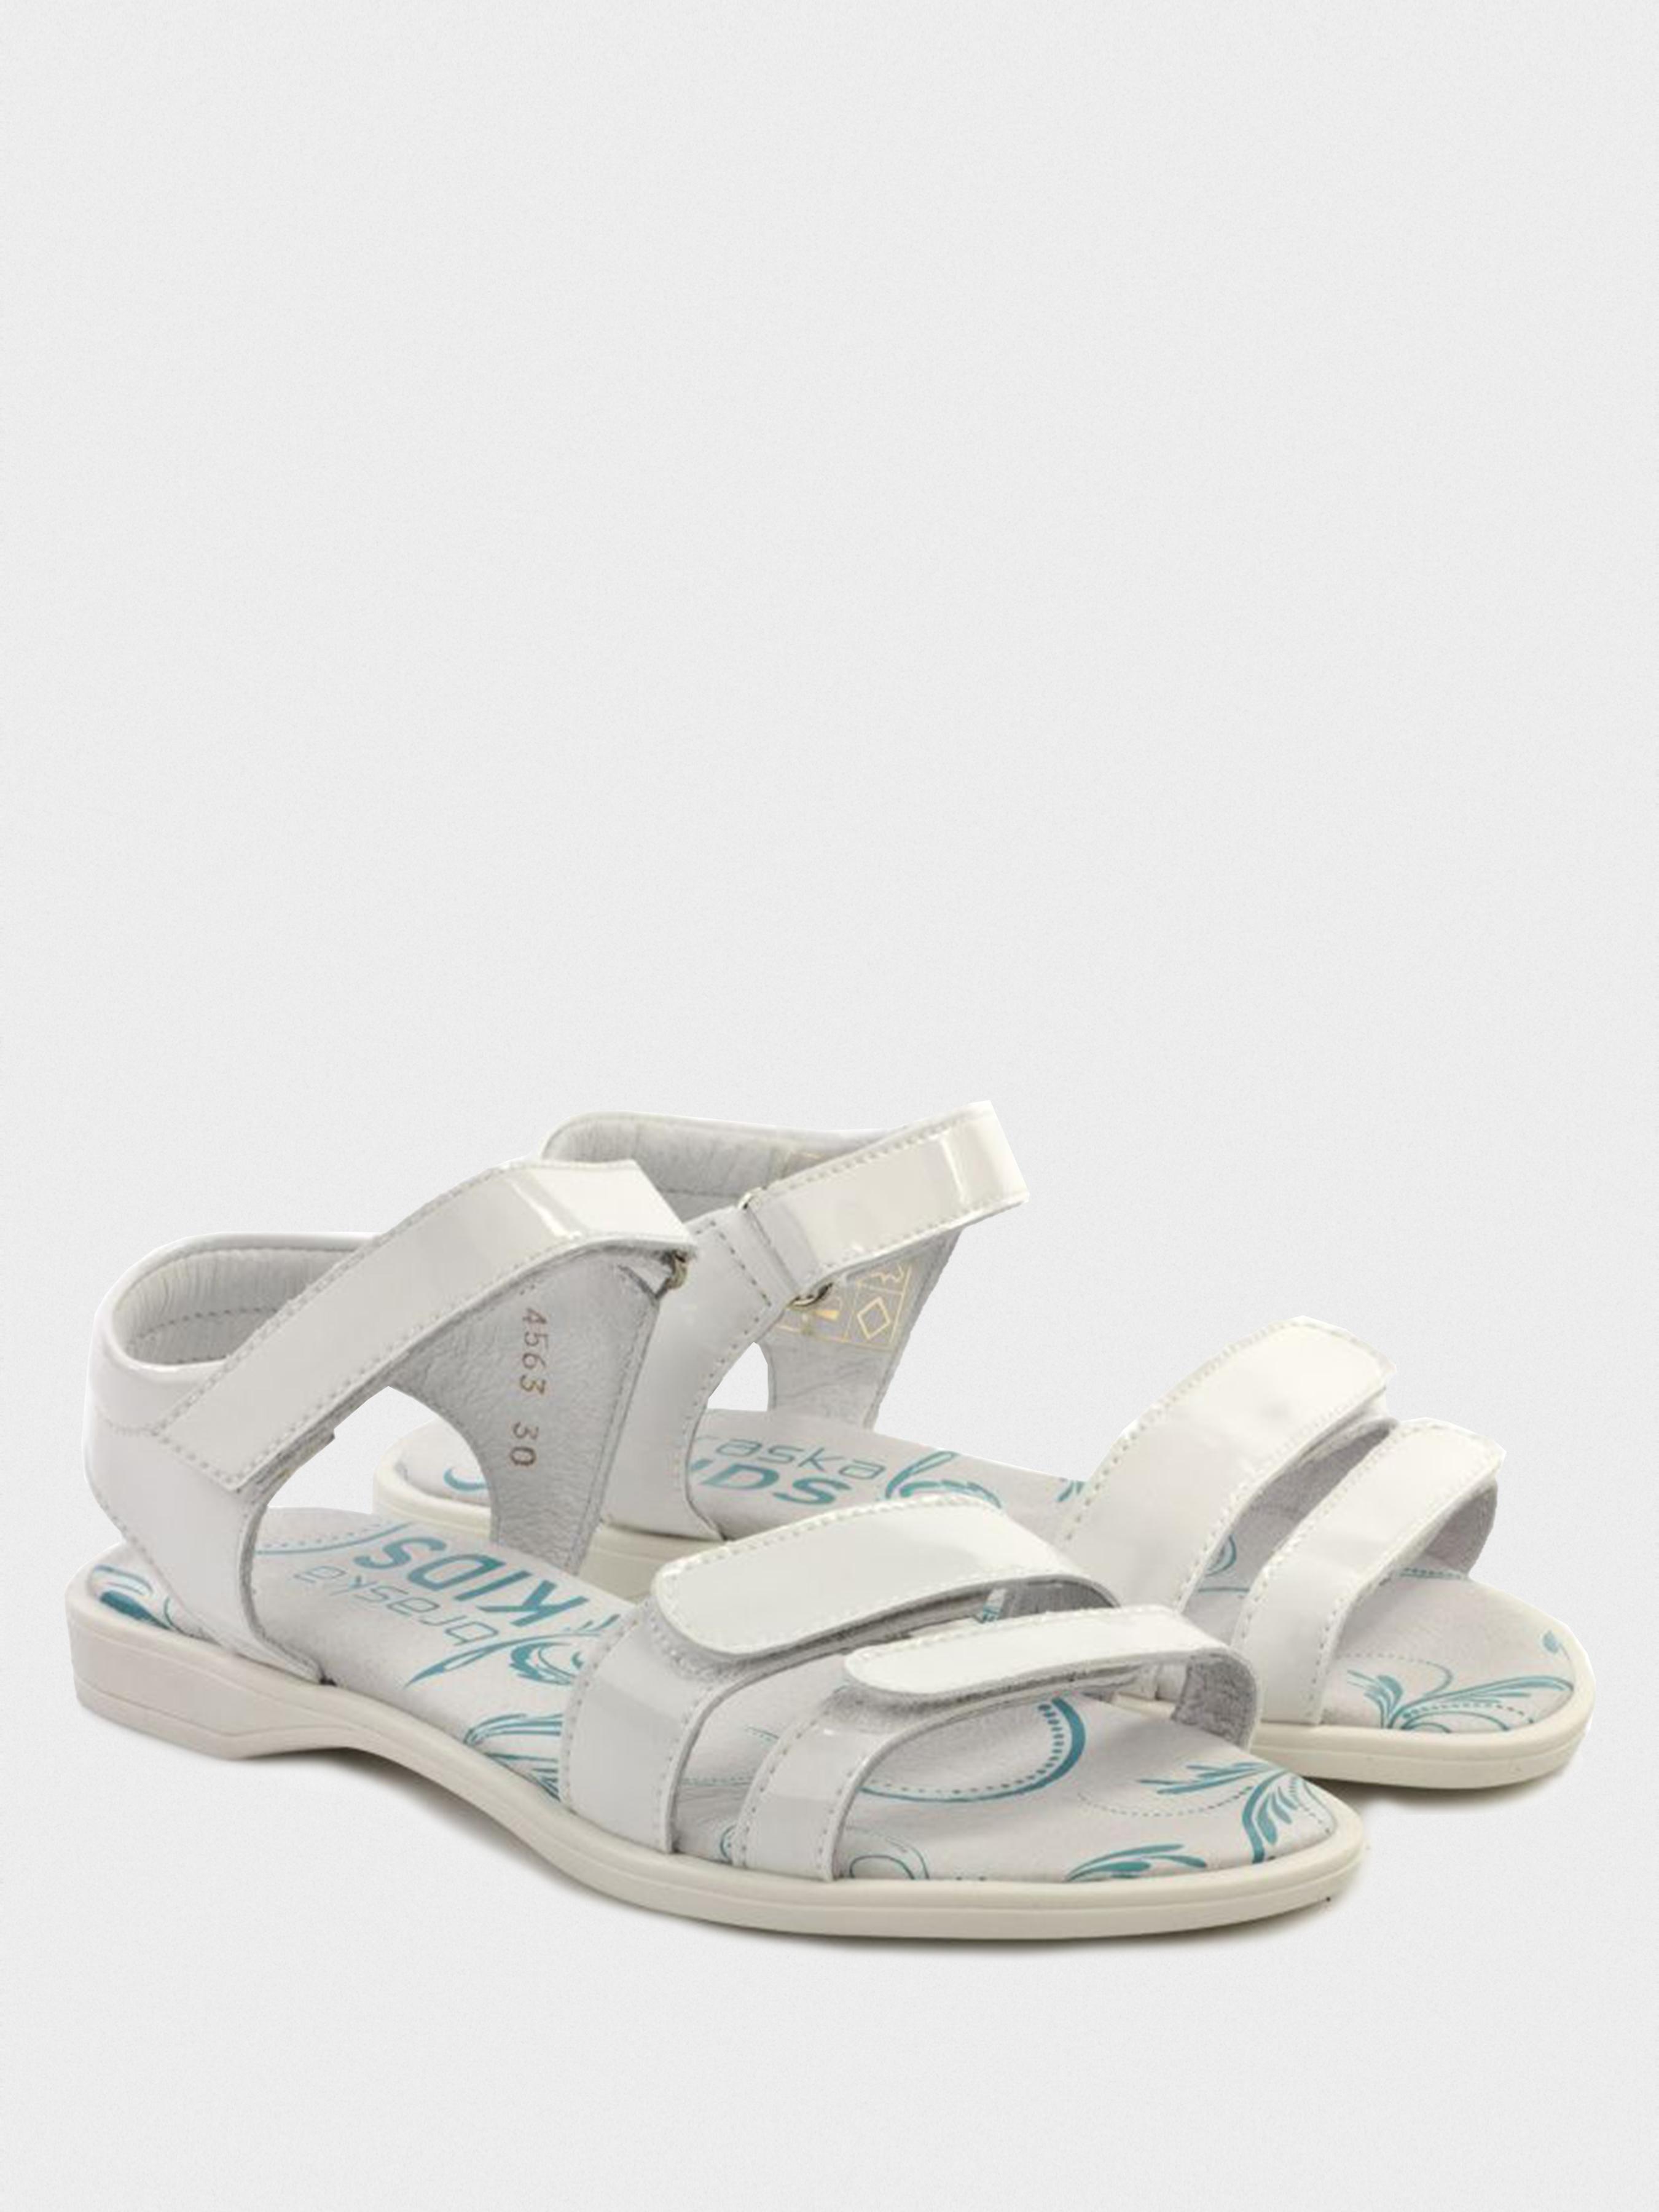 Купить Сандалии детские Braska Кайрос AE129, Белый